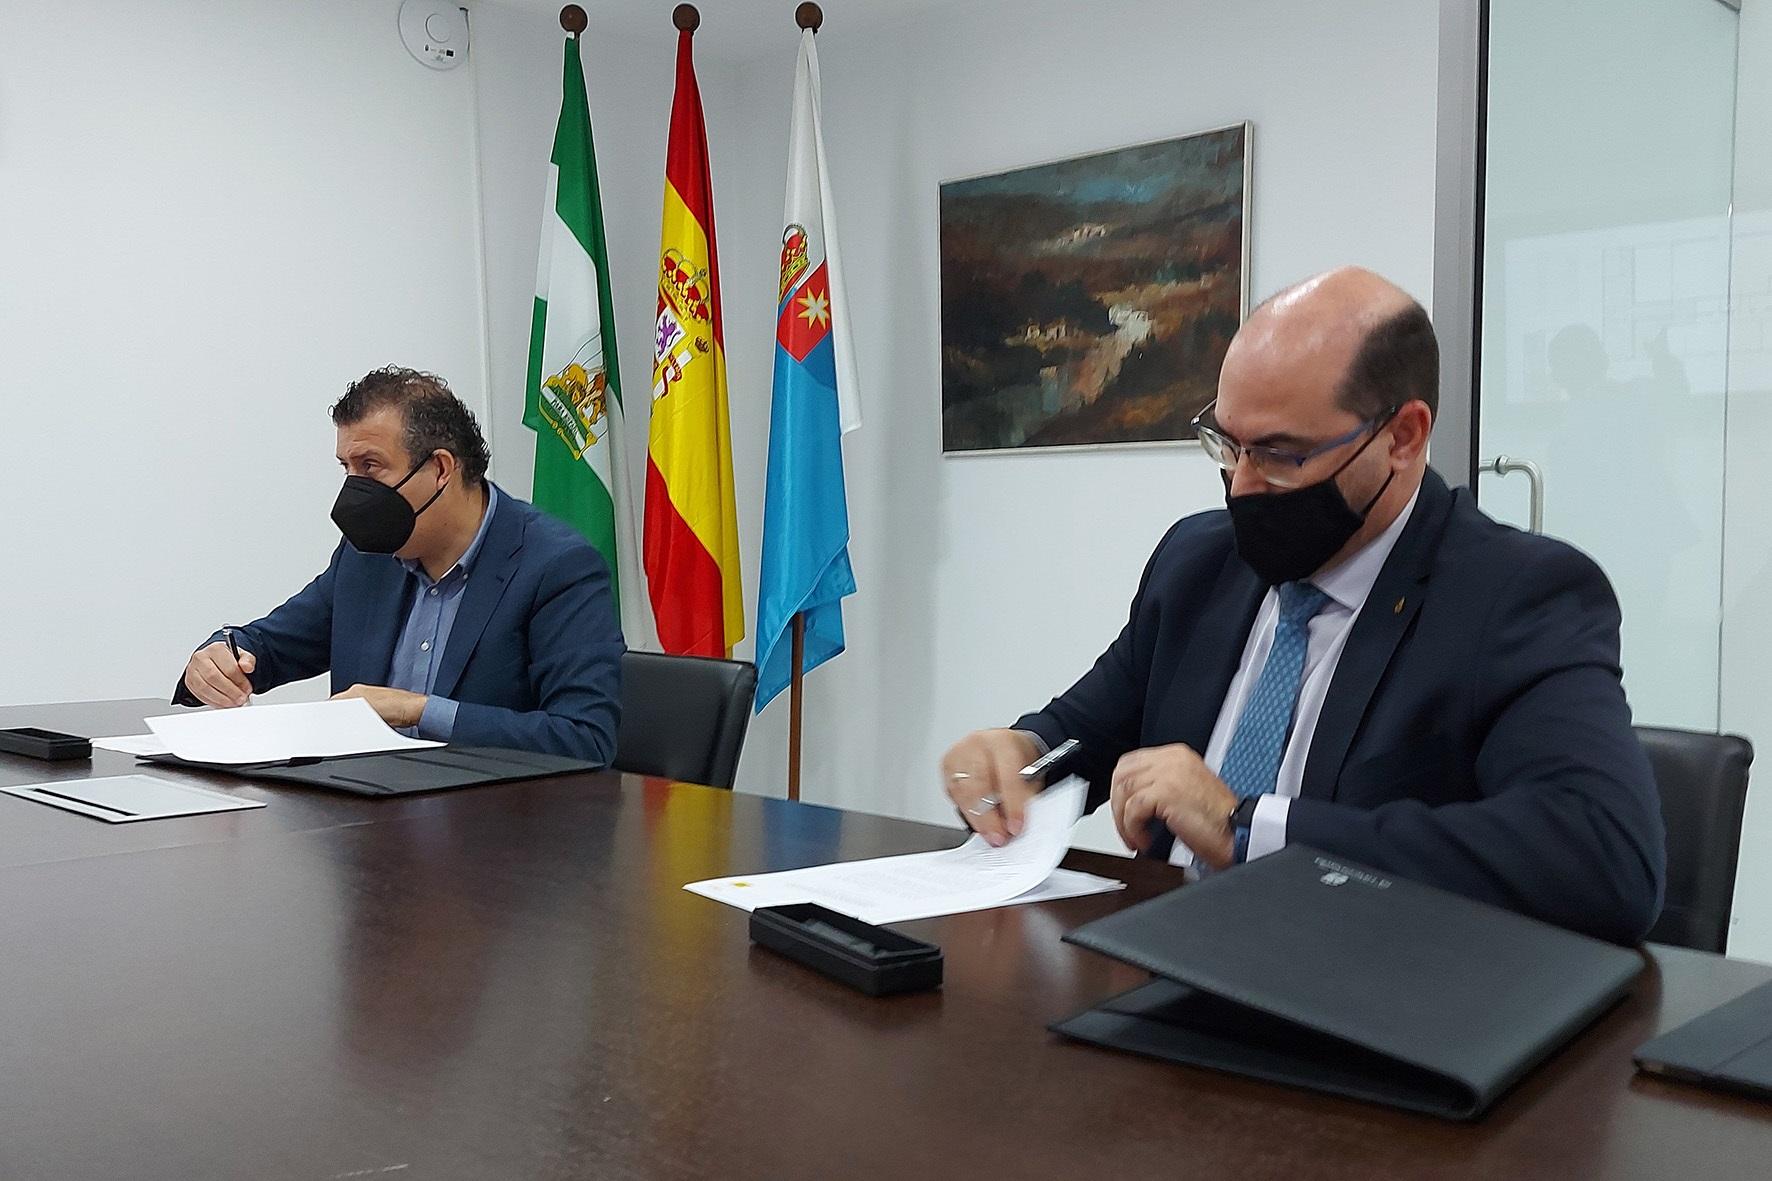 El alcalde de Tarazona, el socialista Javier Fernández de los Ríos, a la izquierda de la imagen.